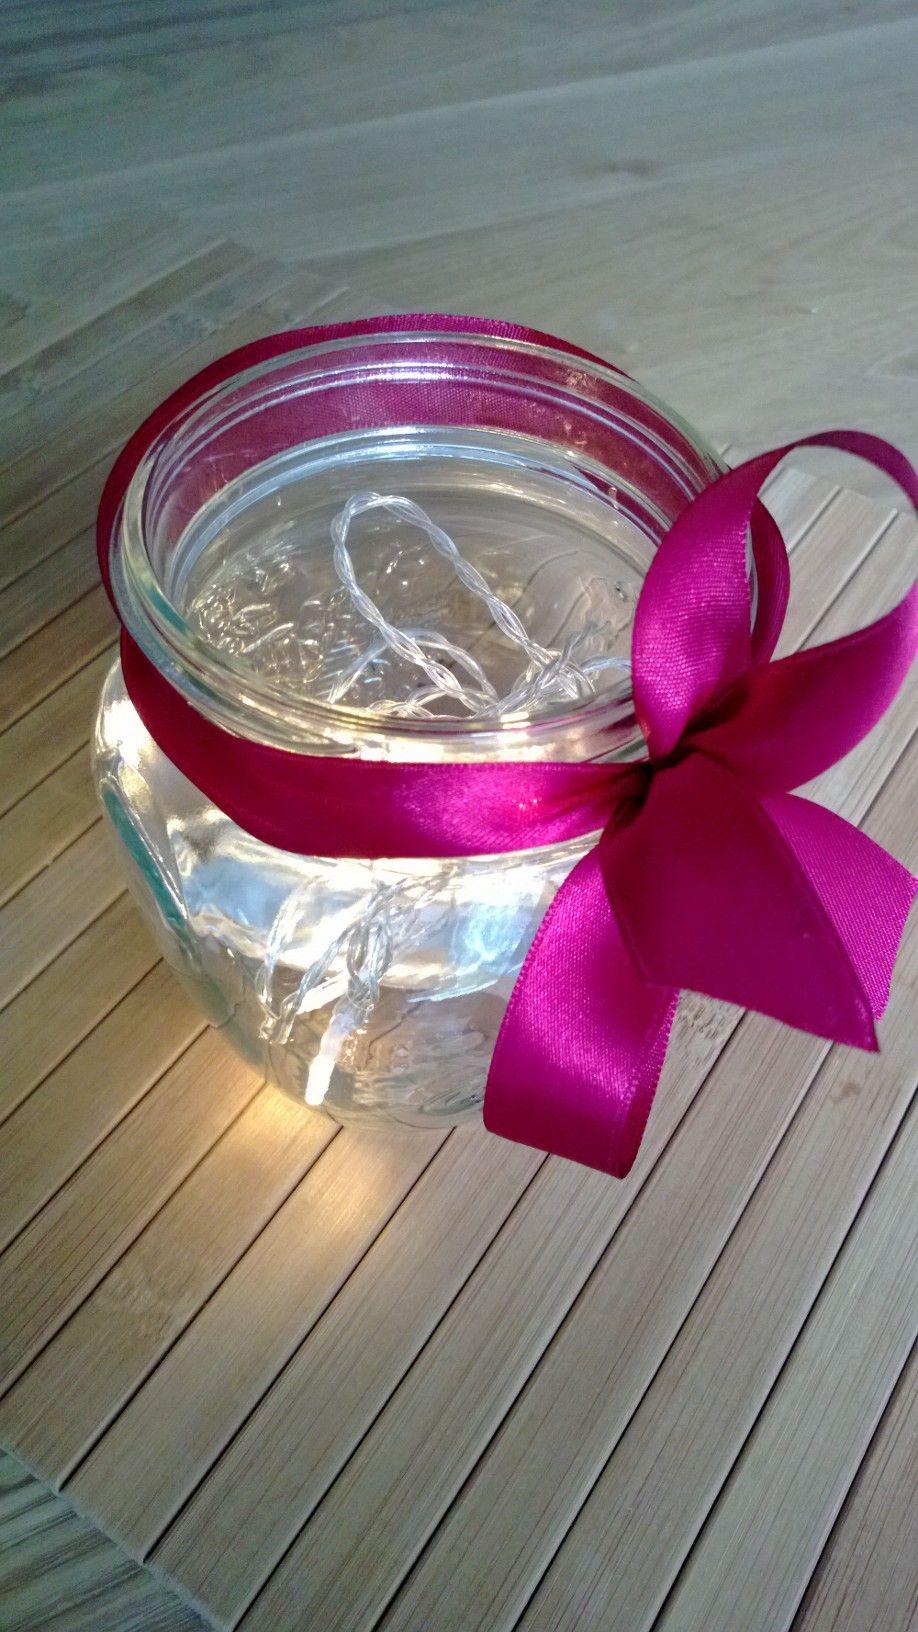 Kaunis lyhty syntyy myös tyhjästä hillopurkista. Laita lasipurkin pohjalle pieni pattereilla toimiva led-valosarja ja kiedo purkin ympärille silkkinauhaa.